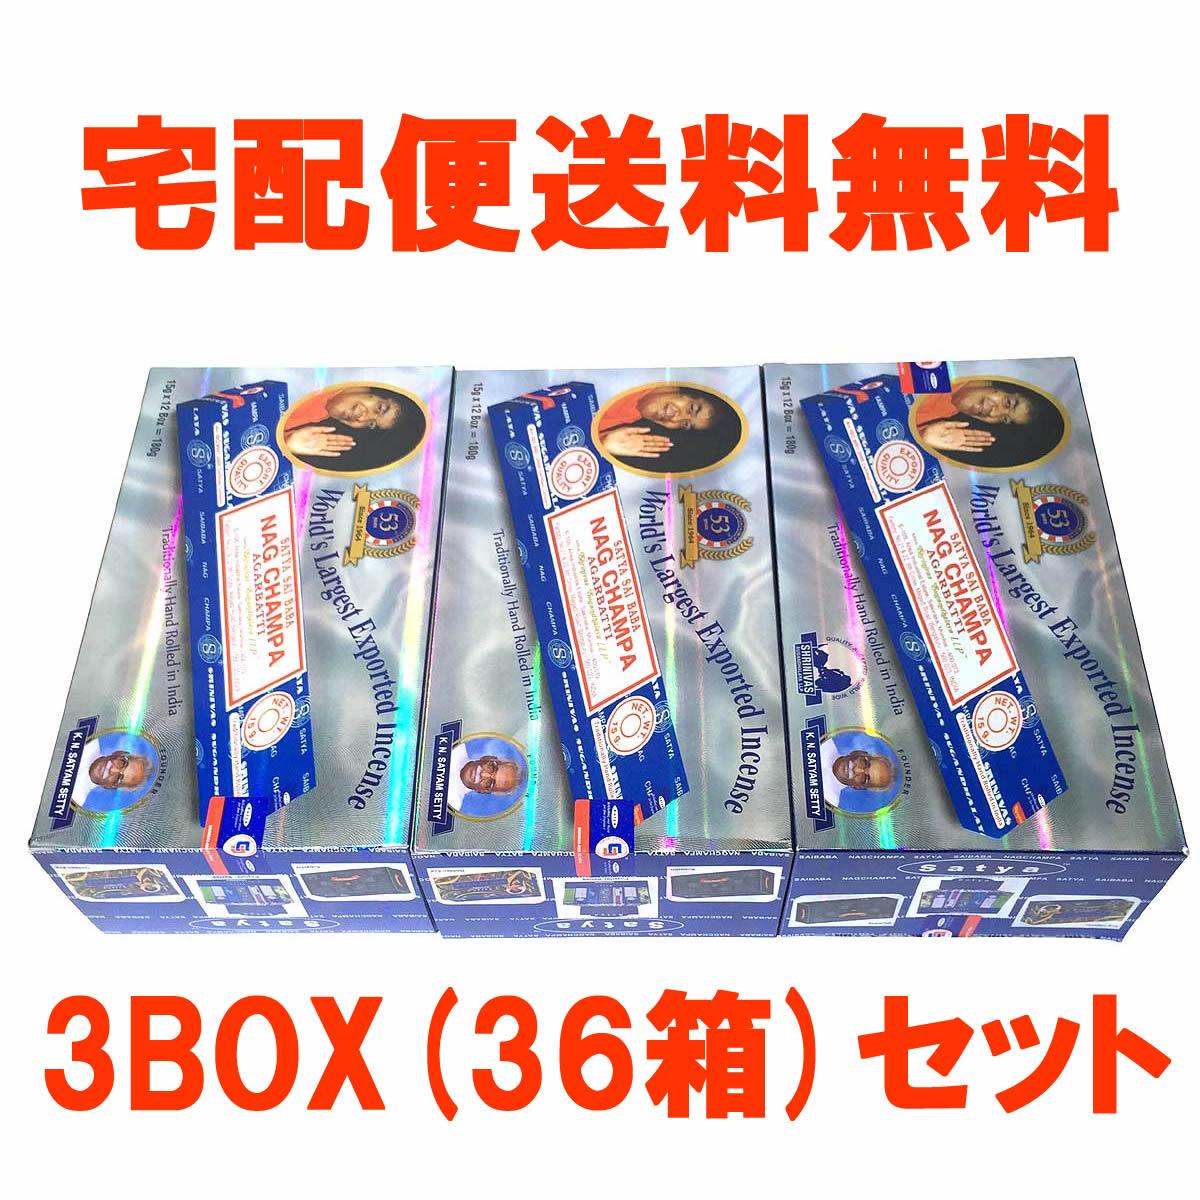 3BOX(36箱)送料無料